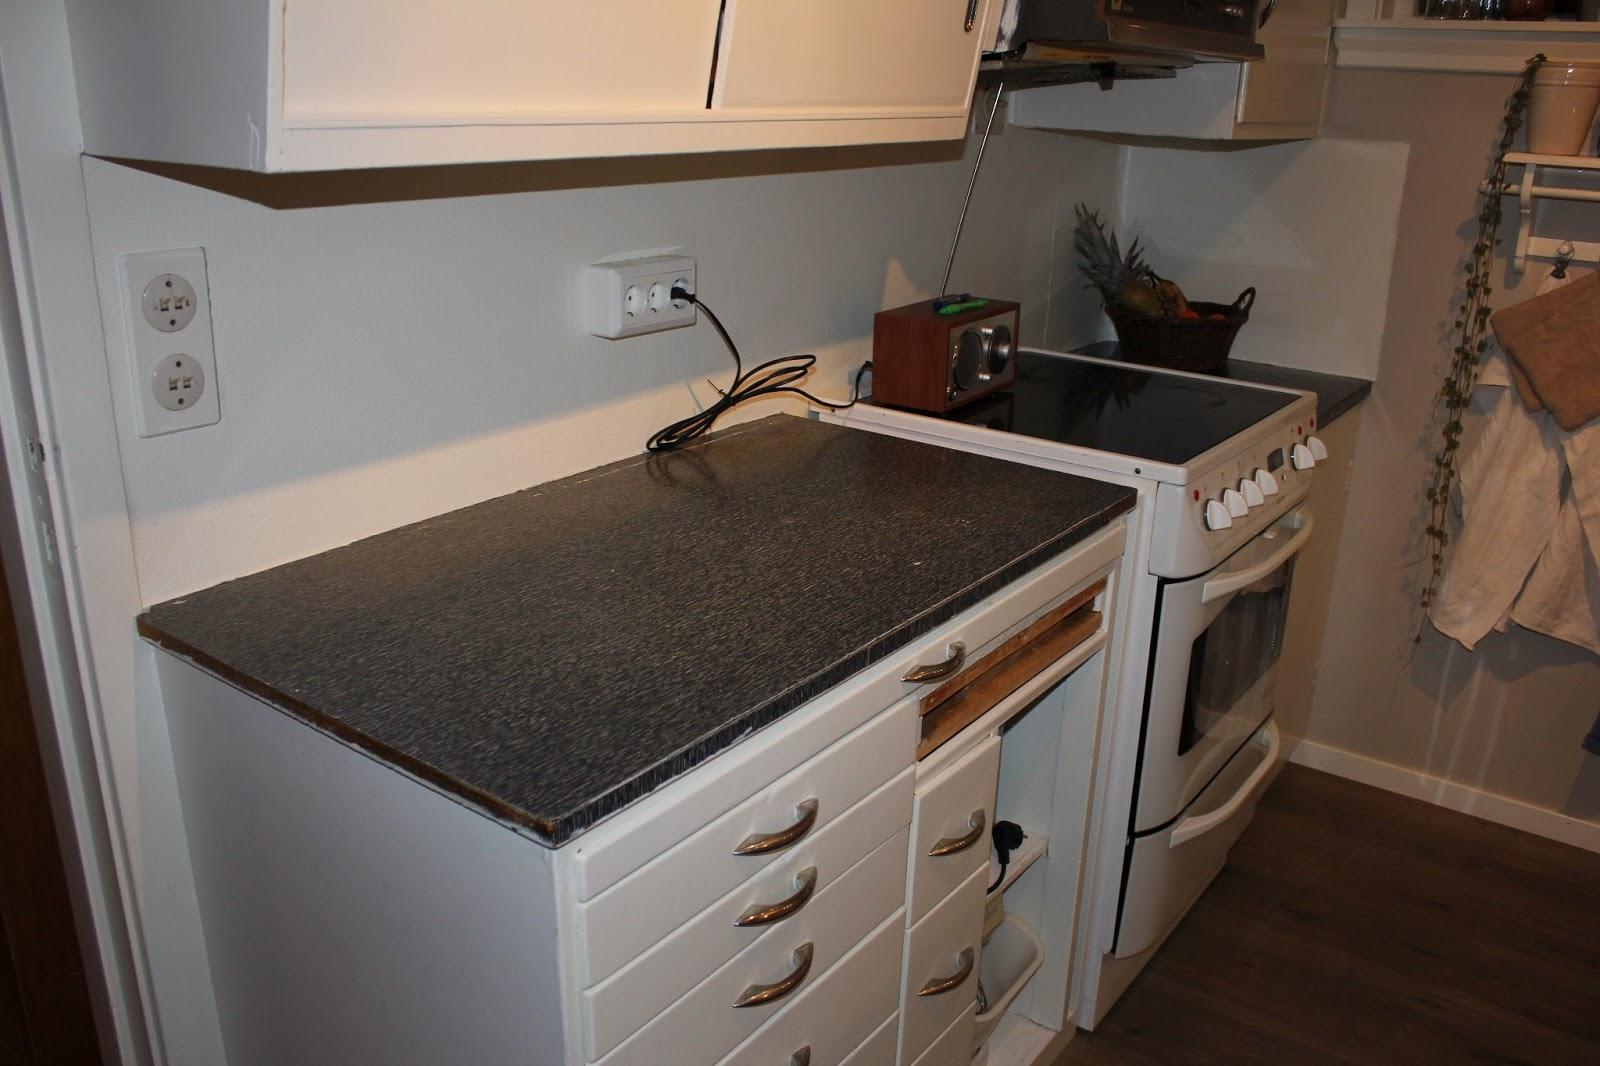 Skapartrong: Benkeplata på kjøkenet